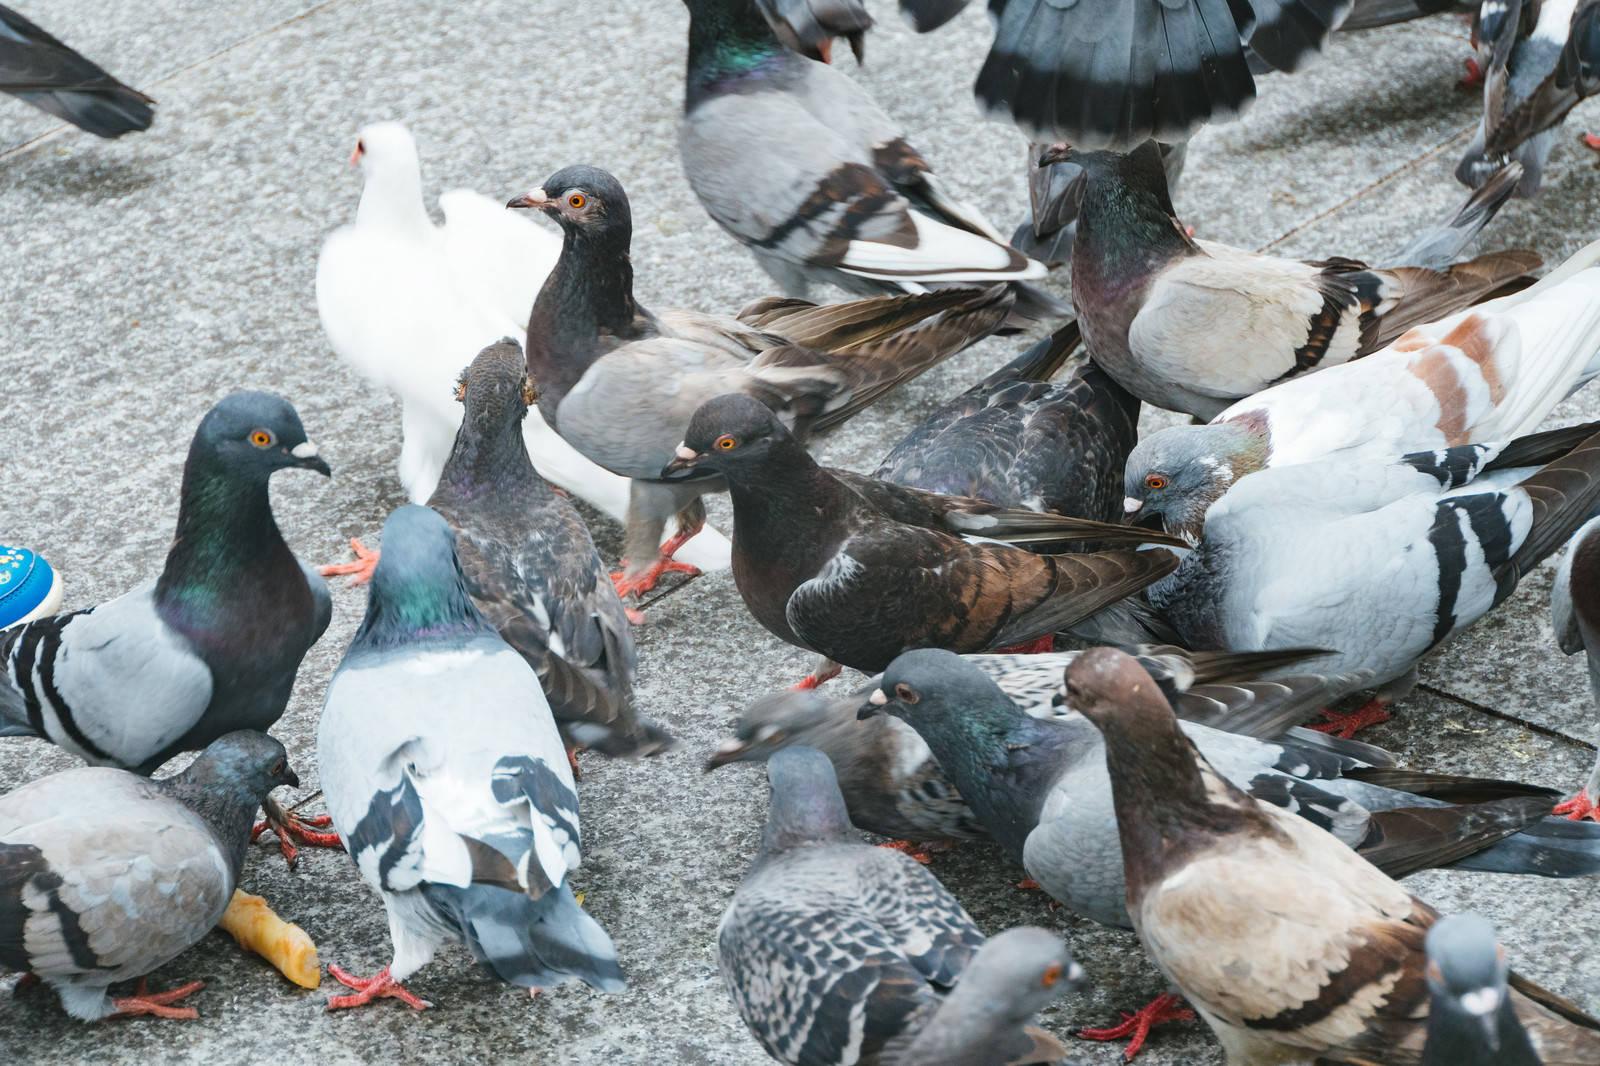 「餌を期待する鳩の集団 | 写真の無料素材・フリー素材 - ぱくたそ」の写真